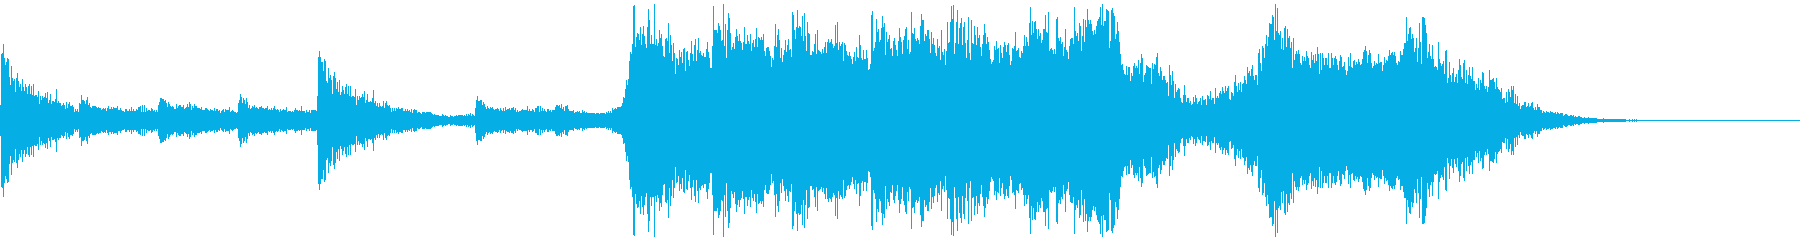 トレーラー・CMの再生済みの波形